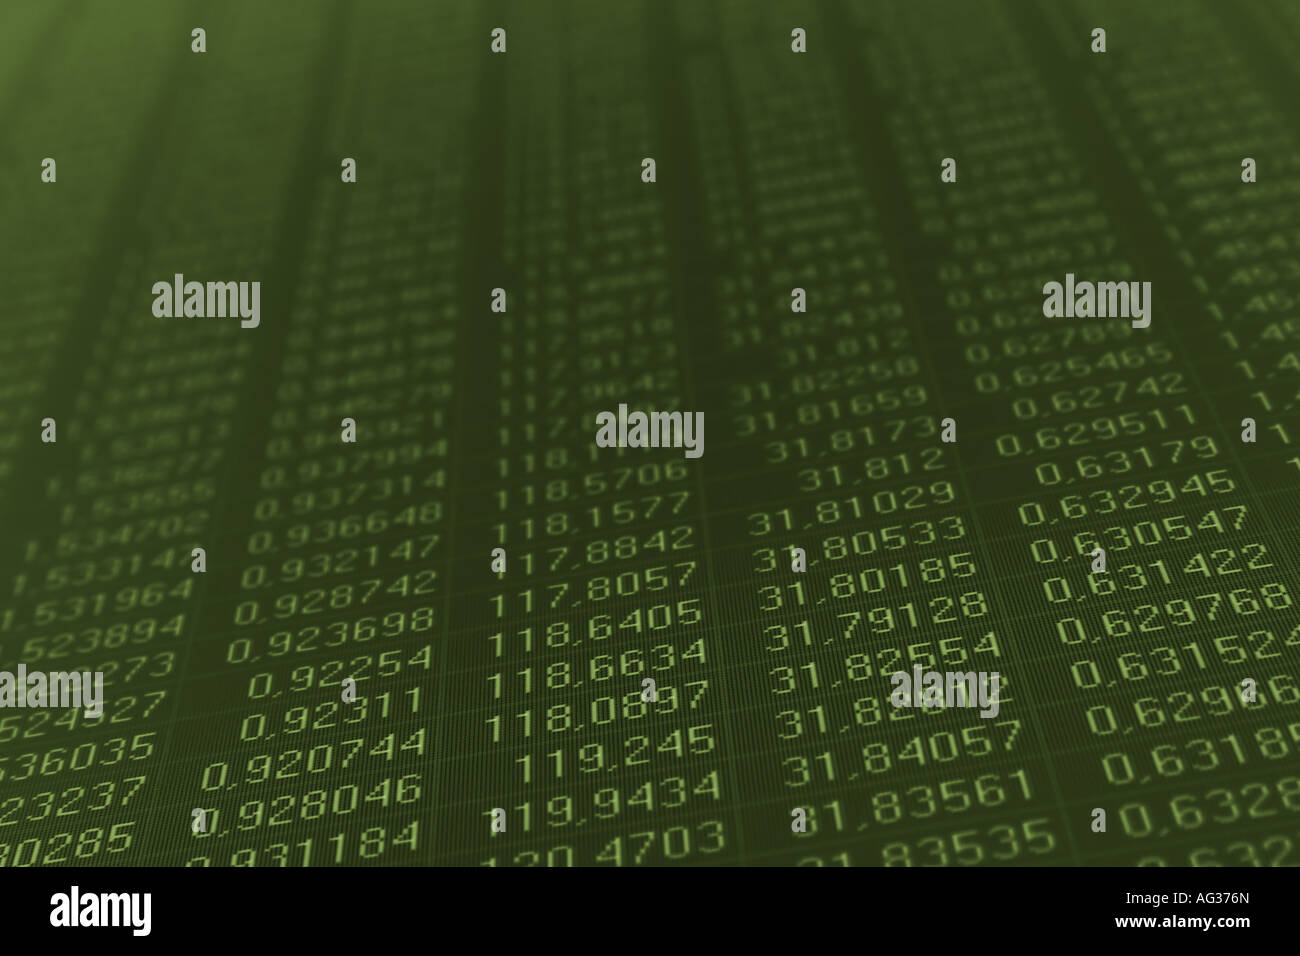 Des chiffres sur un écran d'ordinateur peint de couleur vert foncé Photo Stock